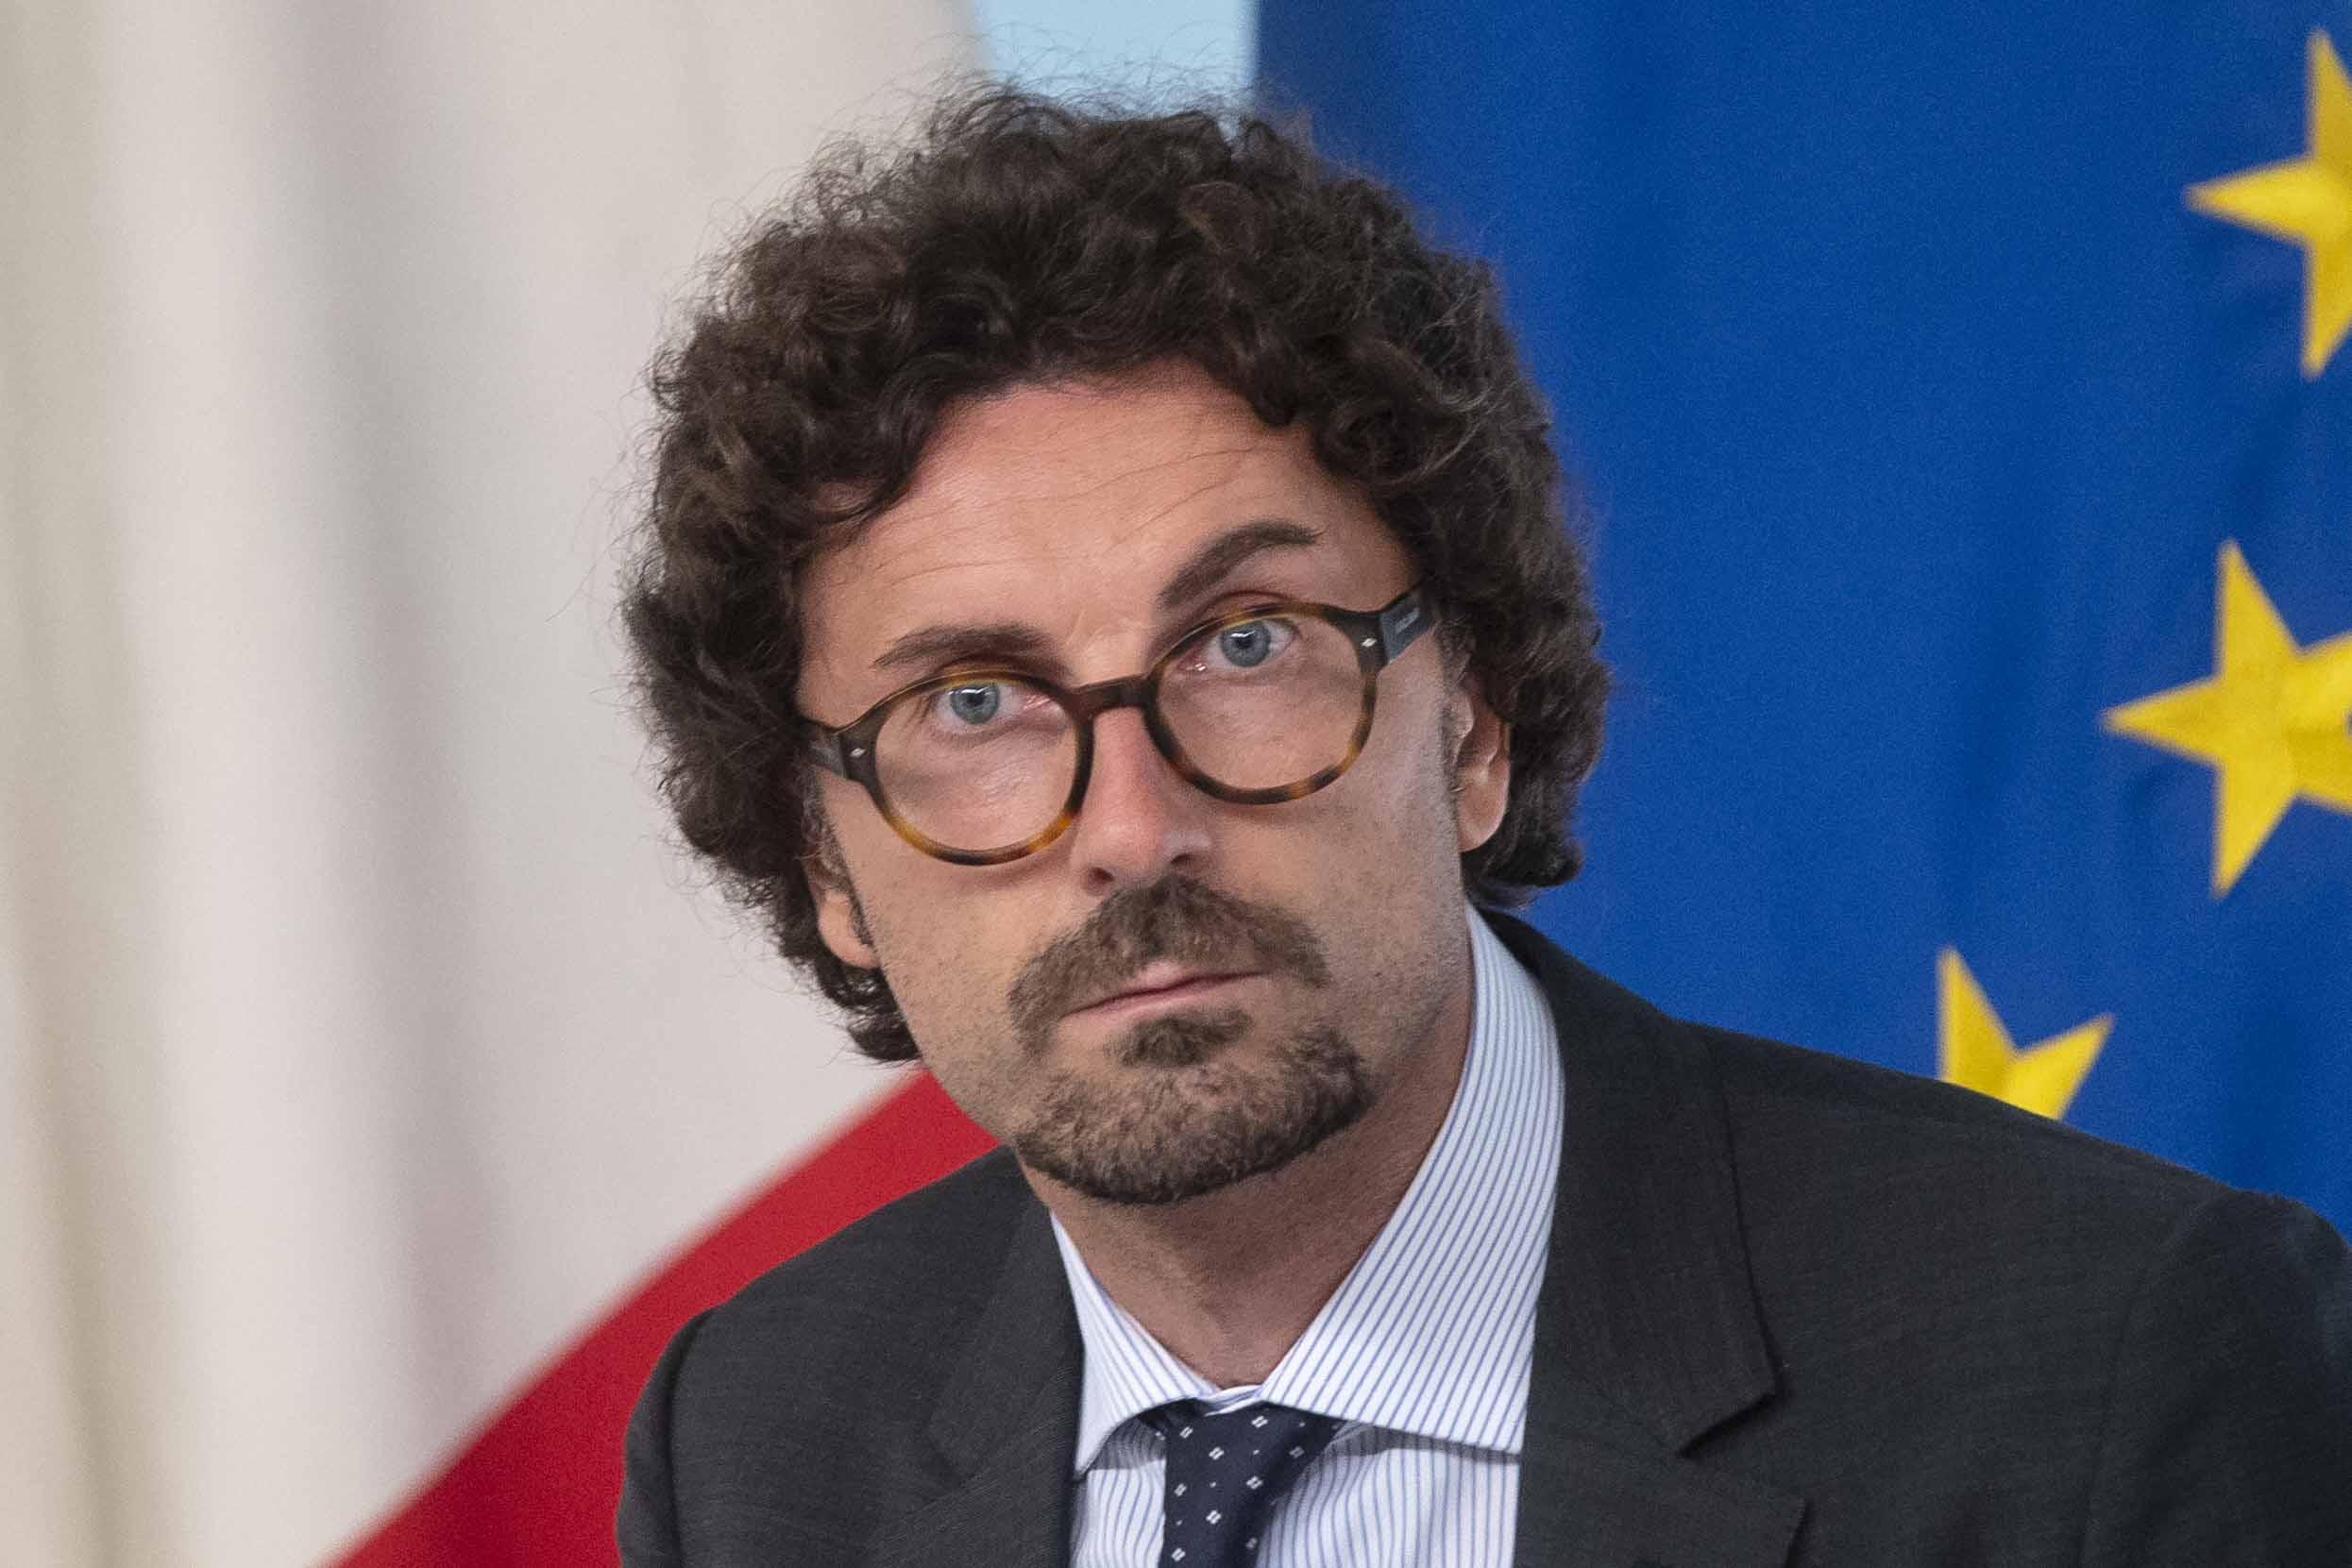 DANILO TONINELLI POLITICO